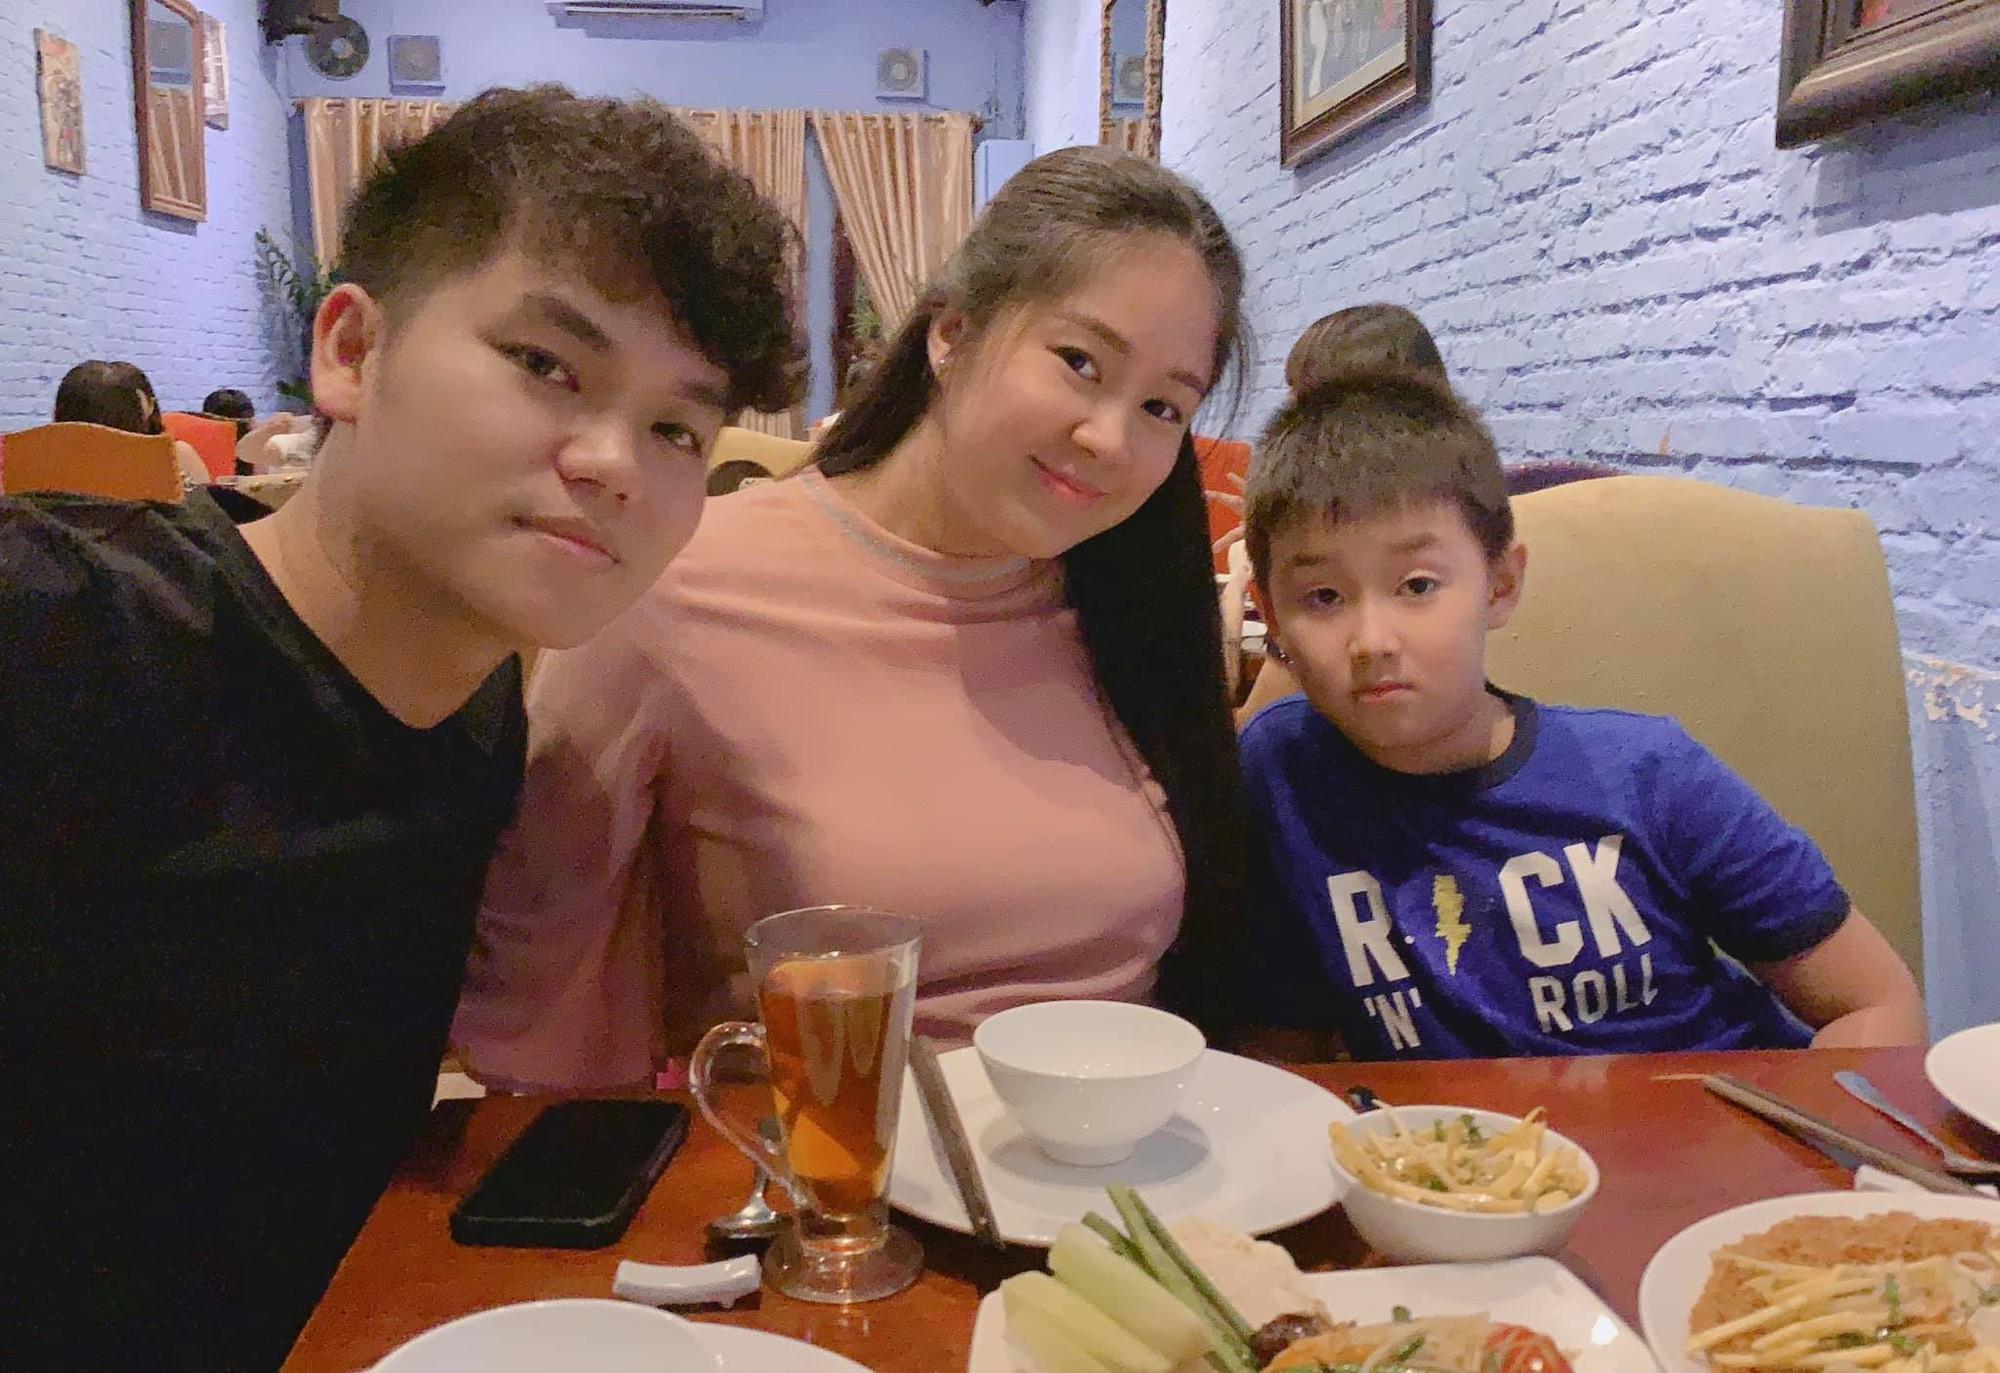 Trước giờ lên bàn đẻ, Lê Phương bật mí cuộc nói chuyện xúc động với con trai giúp cô vượt qua những cơn đau-2